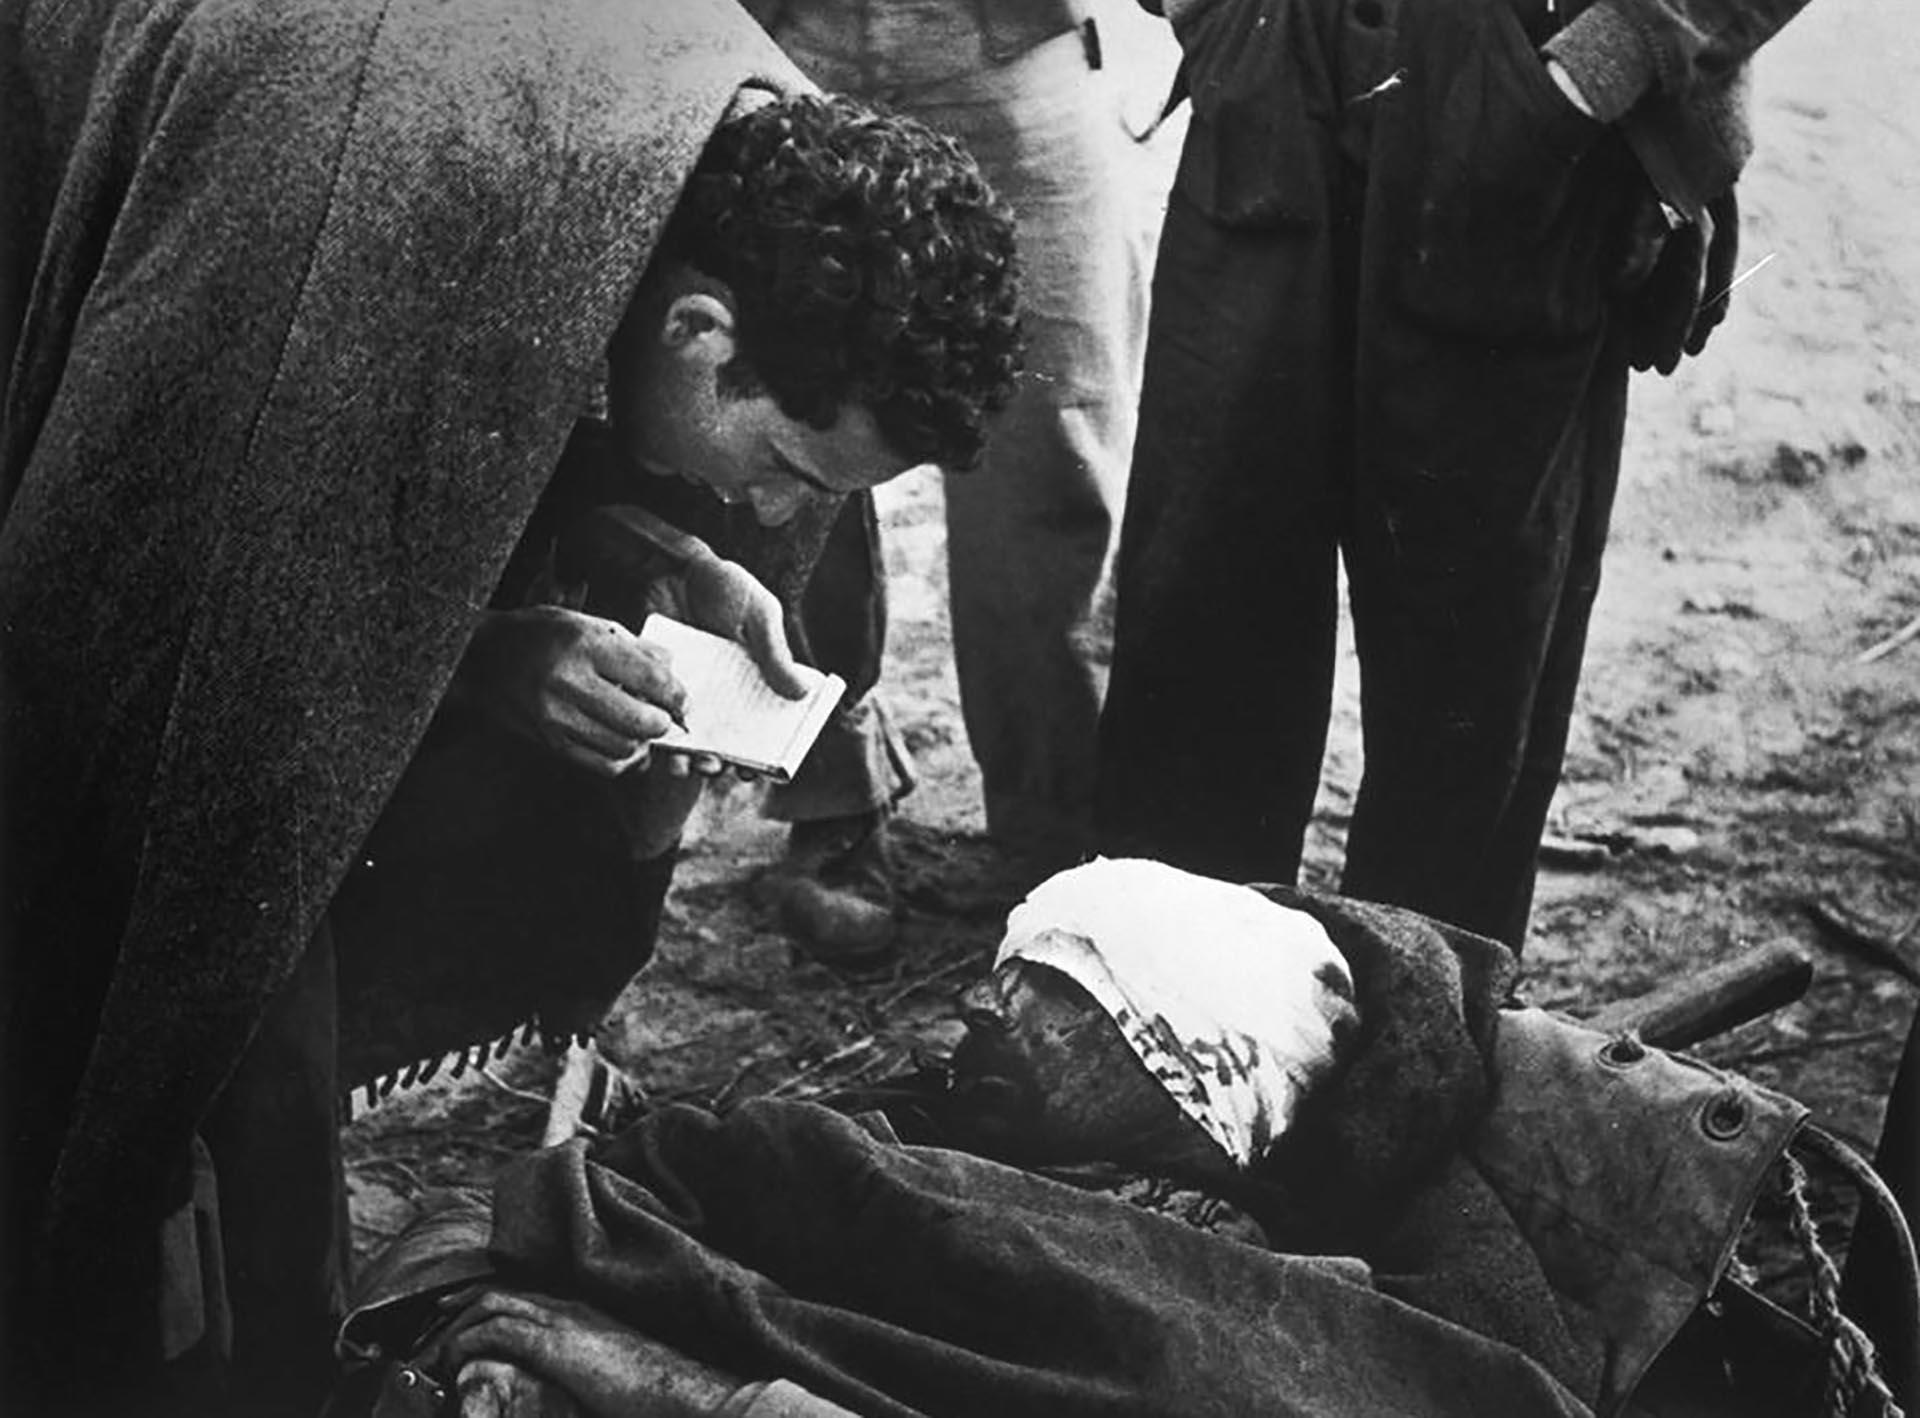 Capa se introdujo dentro de diferentes frentes, retratando desde campesinos heridos, muertos, o momentos de lucha, hasta otros instantes en que estos hombres pasaban horas divirtiéndose o trabajando. Ésta será toda una novedad dentro de la fotografía de guerra (Robert Capa)